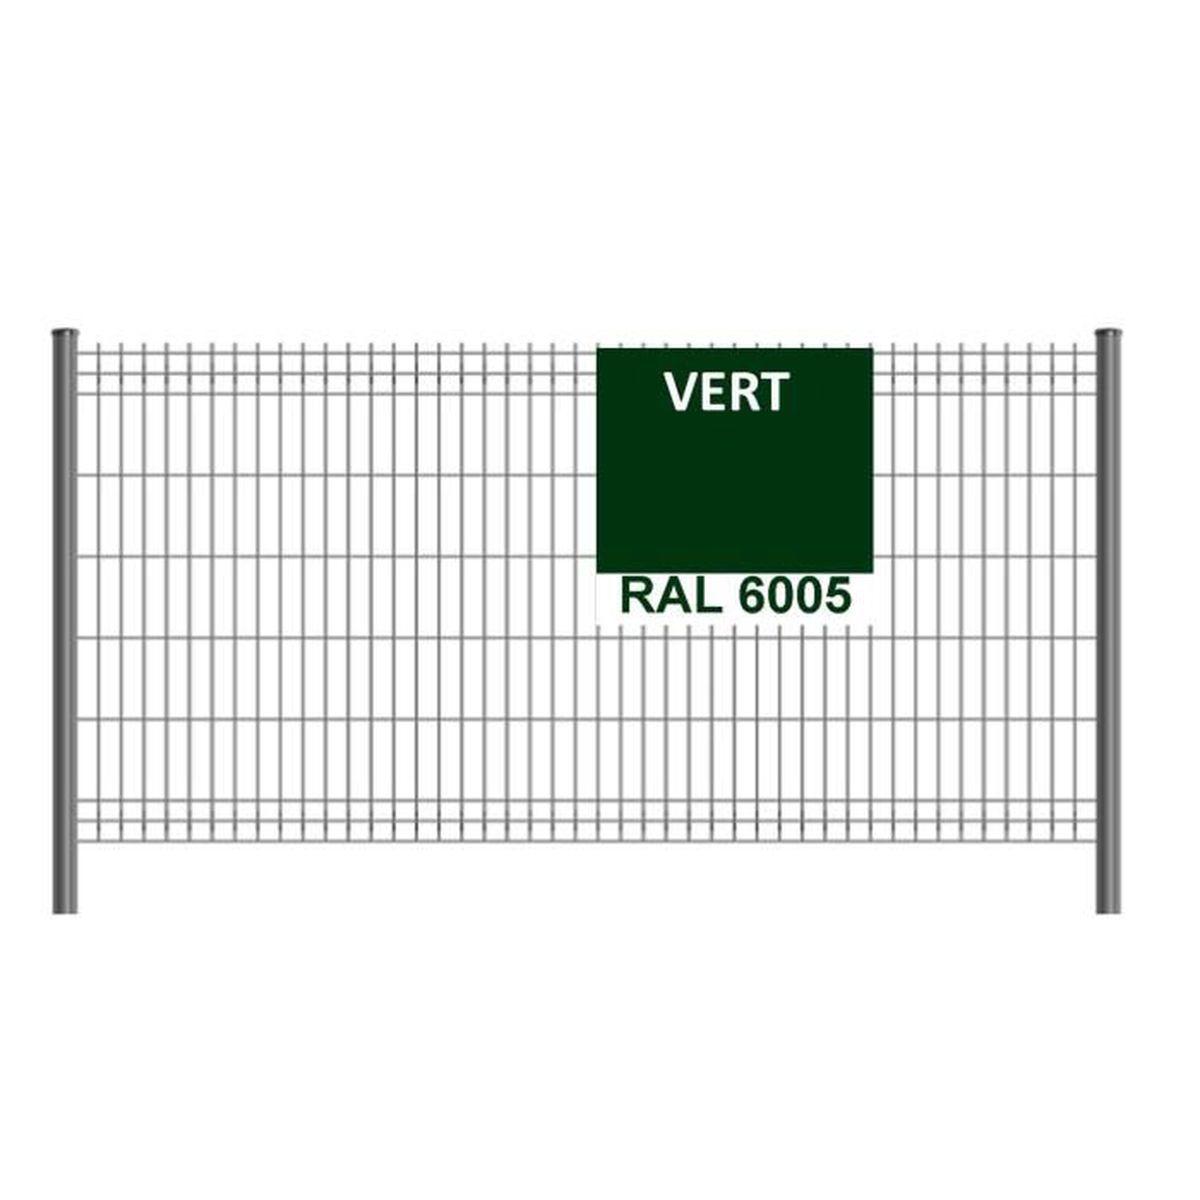 Brise Vue Hauteur 1M70 kit de 125ml de clôture rigide comprenant : 50 panneaux + 51